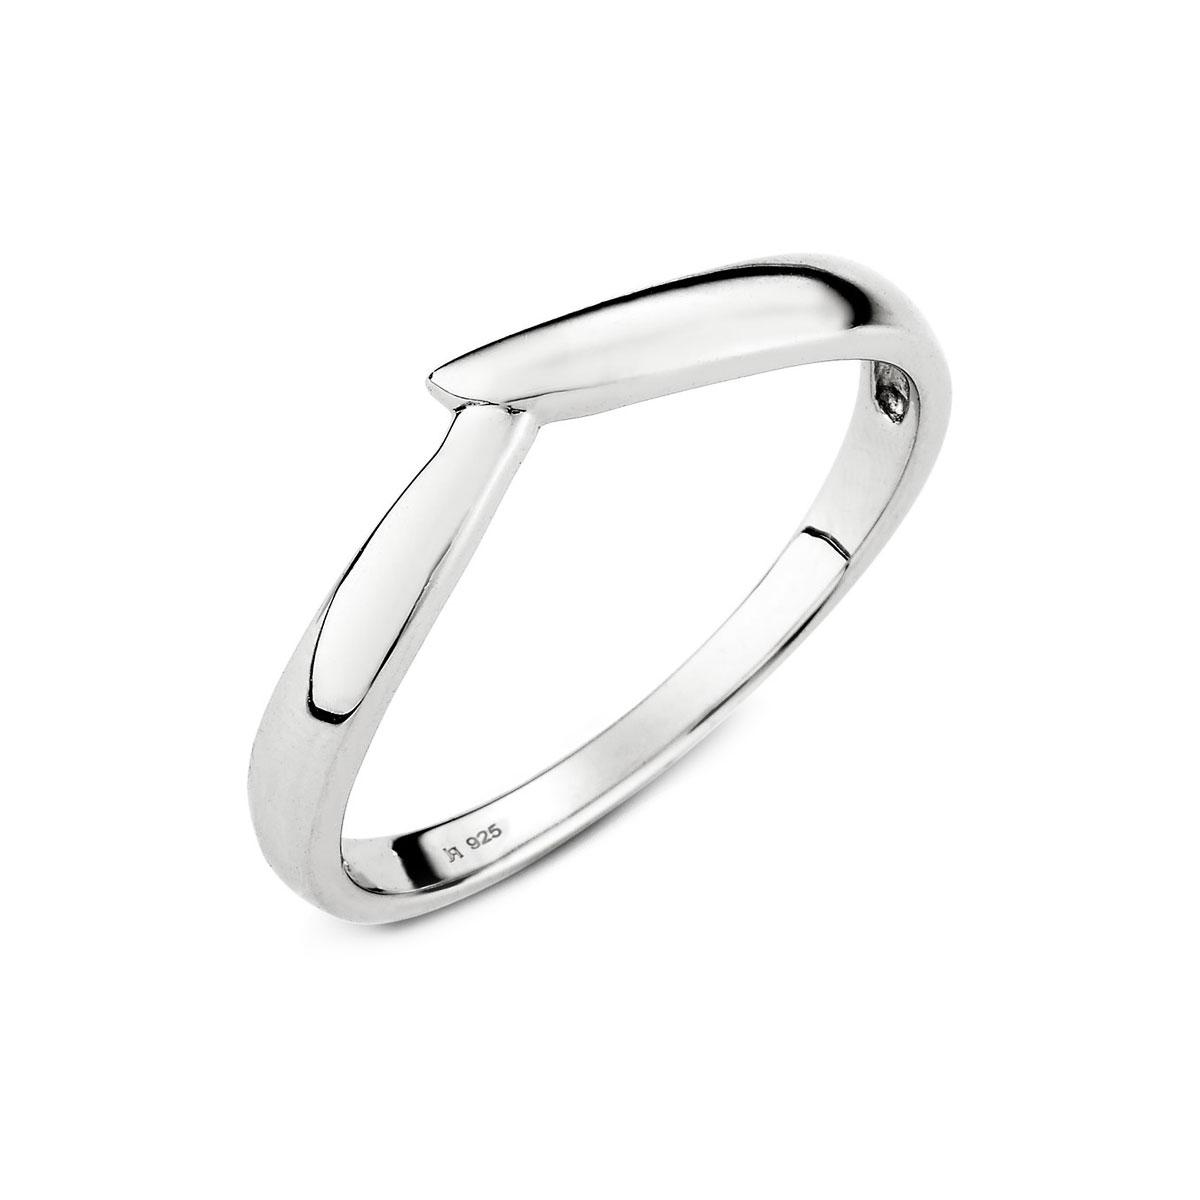 KSM48 指尖的溫度戒指